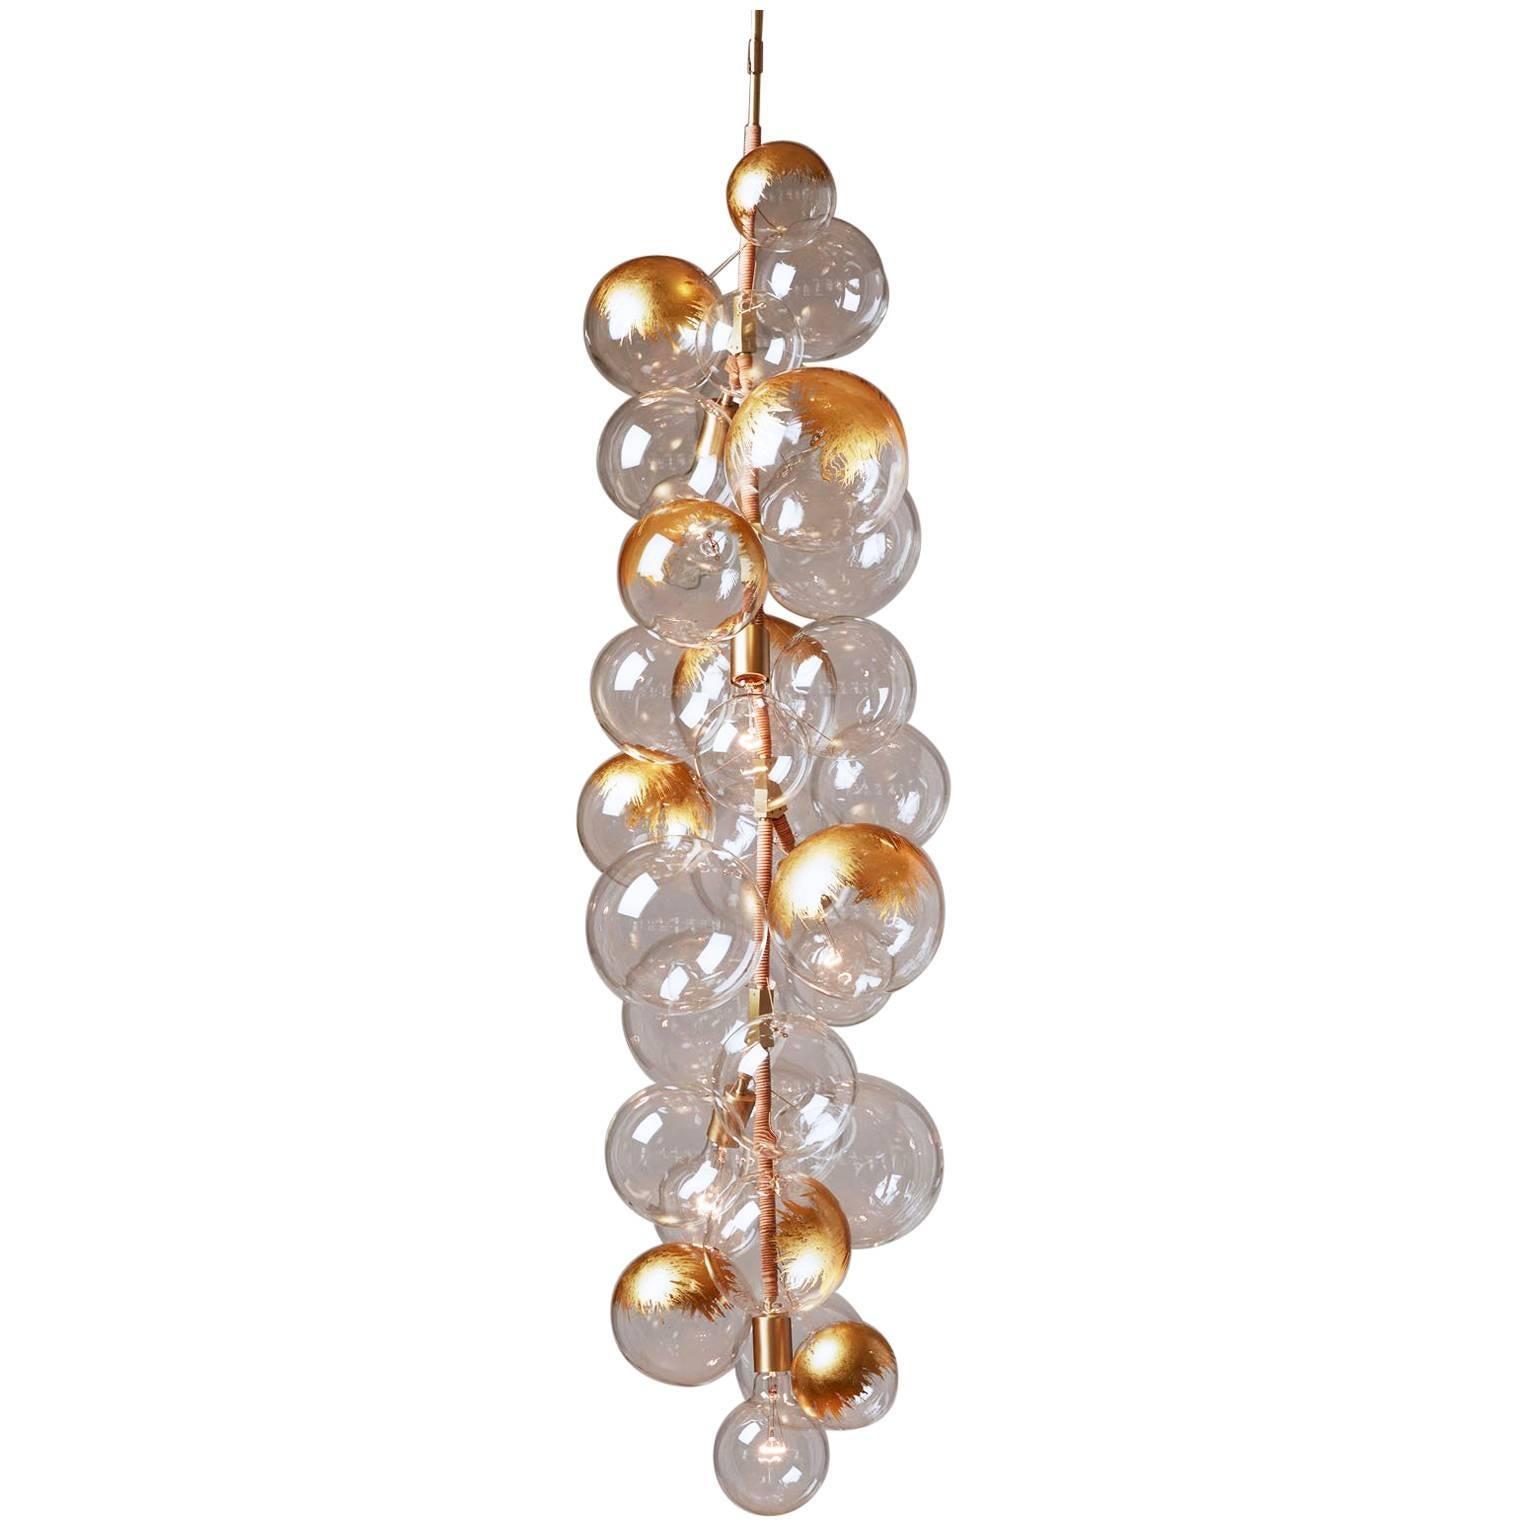 24k Gold Leaf X-Tall Bubble Chandelier by Pelle